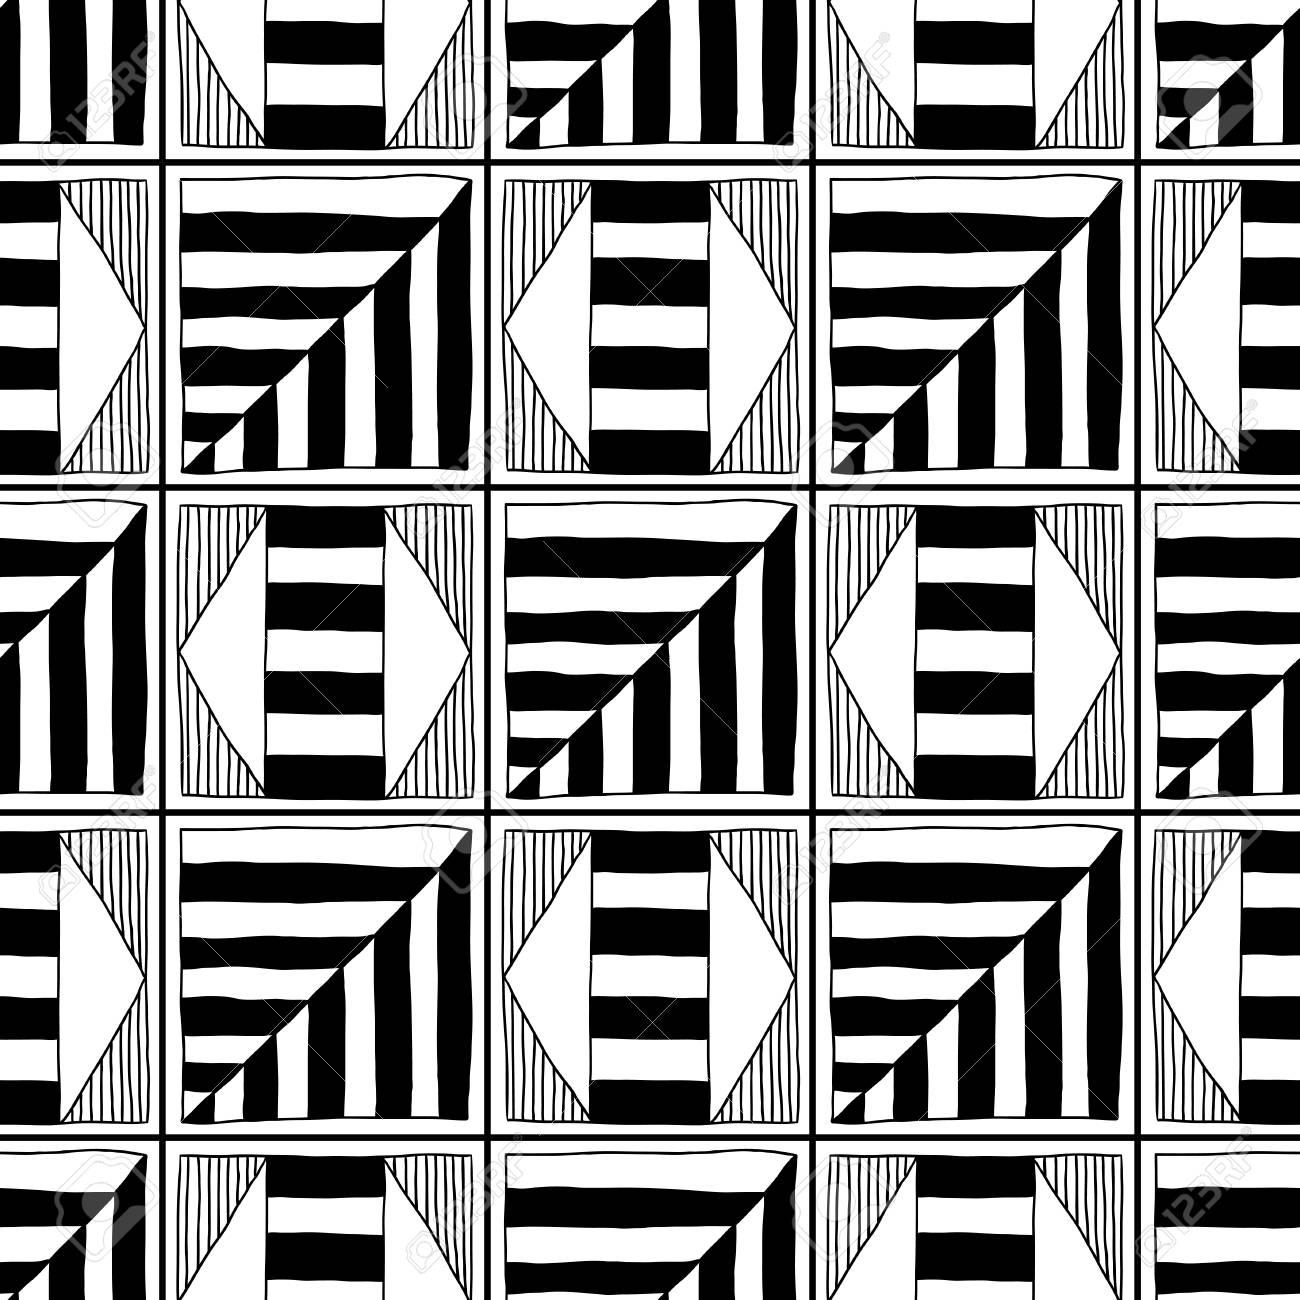 Resumen Patrón Transparente. Ilustración En Blanco Y Negro Para ...